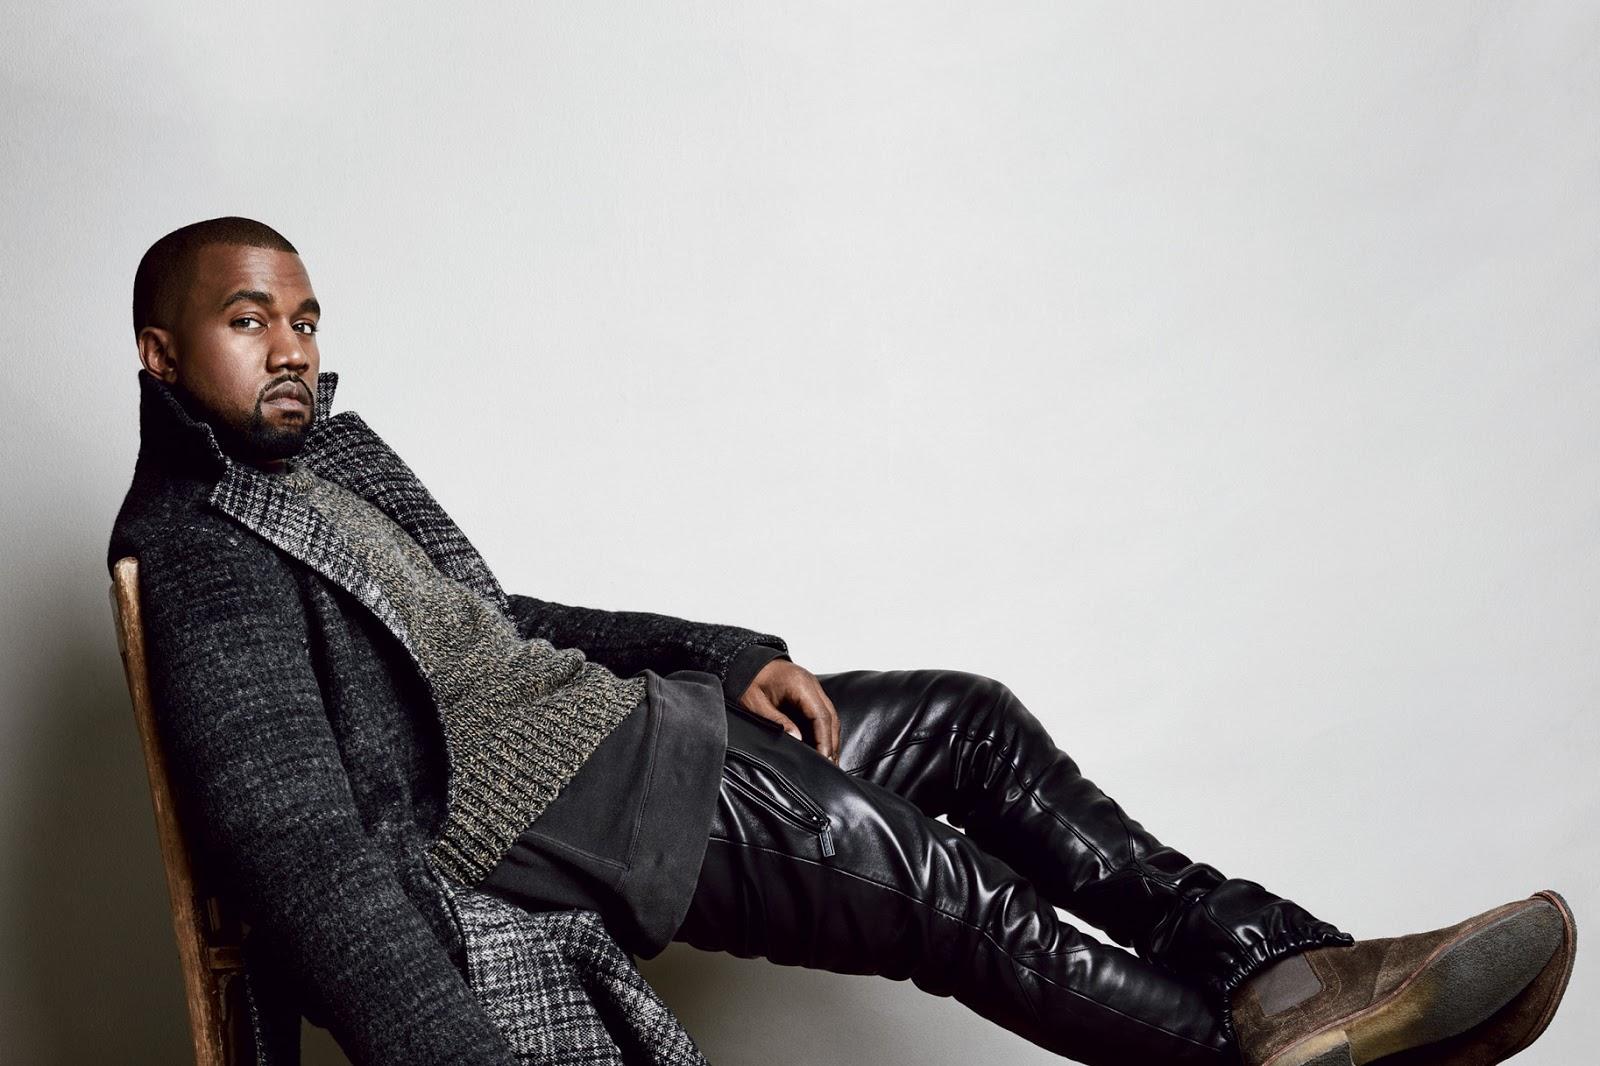 """Kanye West retó a las celebridades que aparecen en su vídeo """"Famous"""" a demandarlo"""